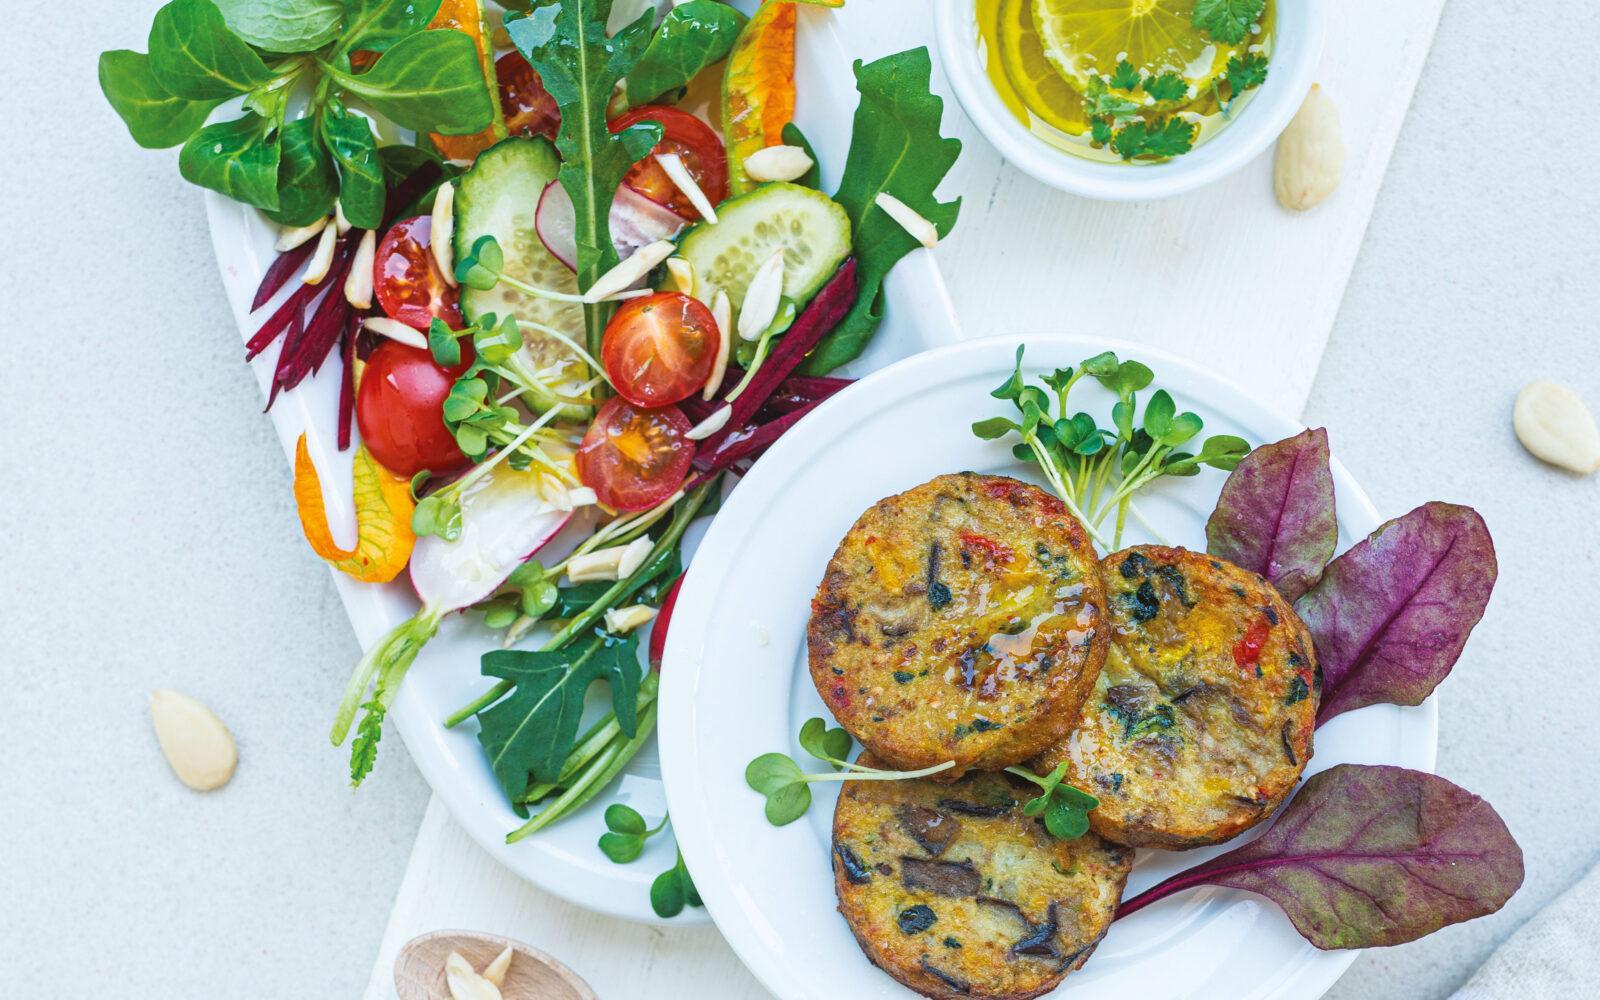 Meraviglie con Verdure Grigliate e insalata mista